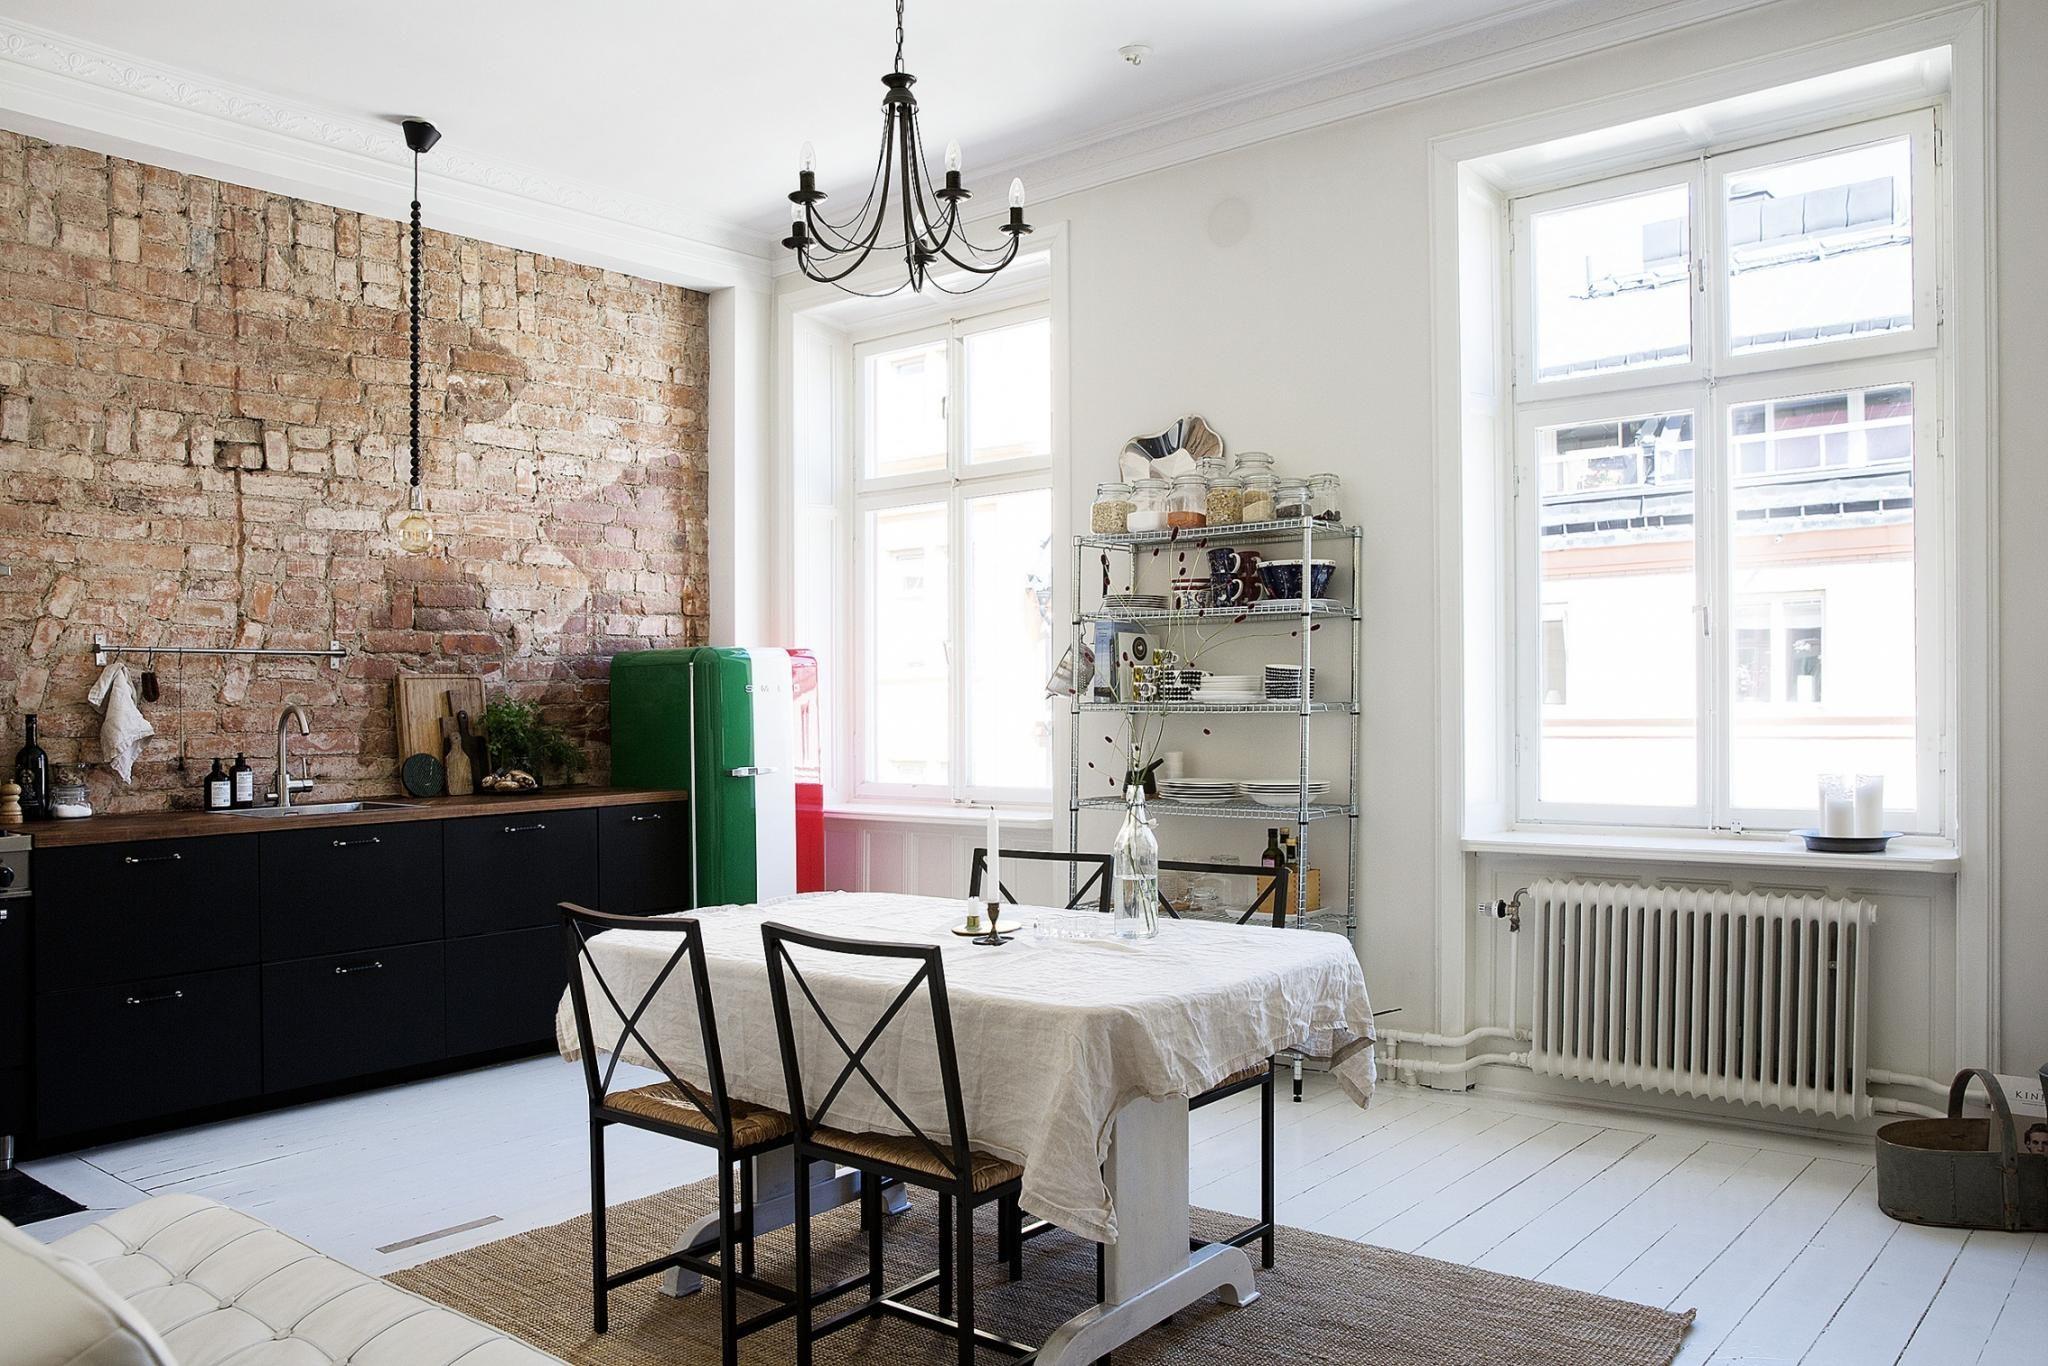 Keuken Industriele Smeg : De industriële keuken is de smaakmaker van dit appartement